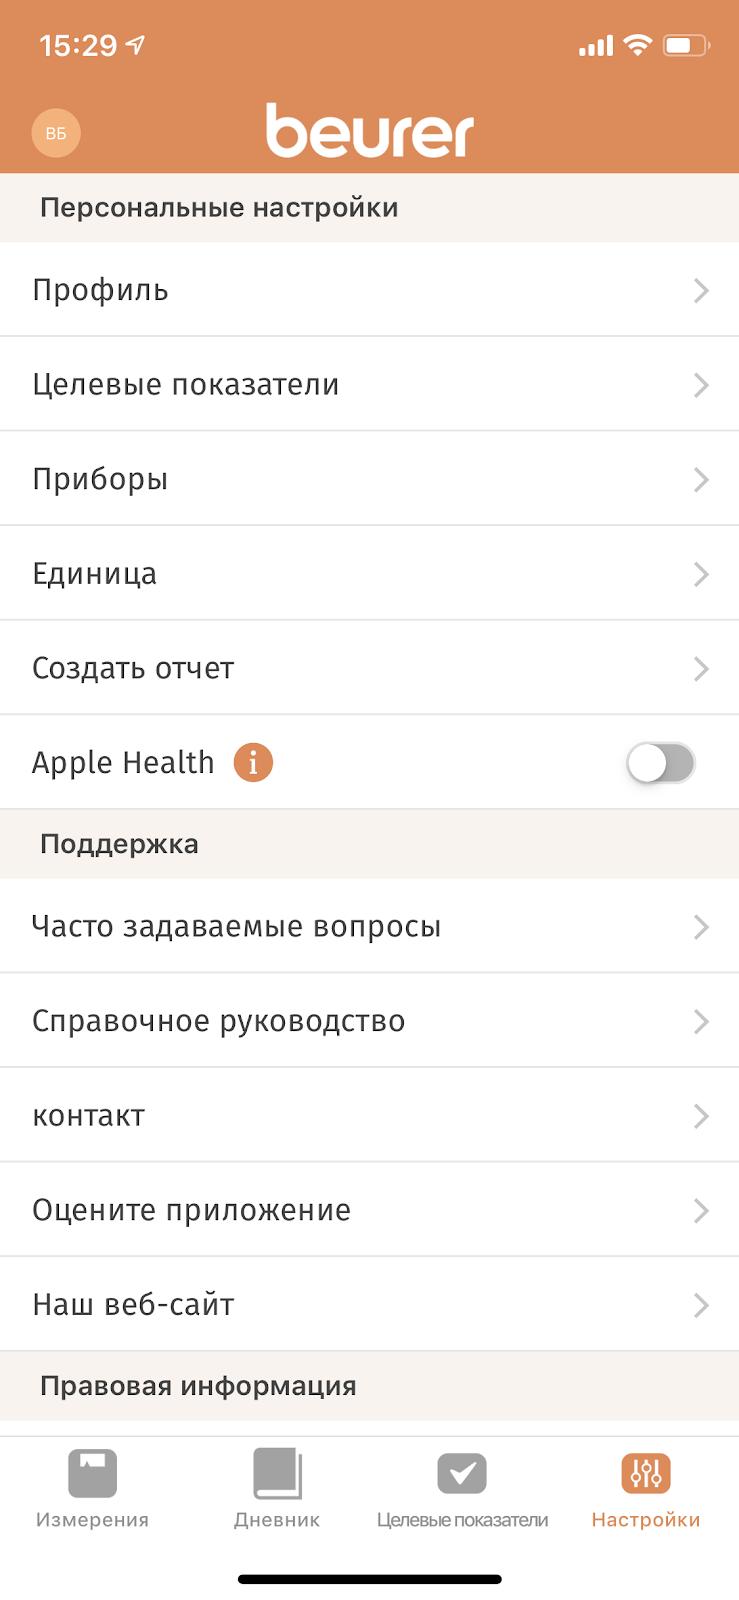 Интерфейс Beurer HealthManager